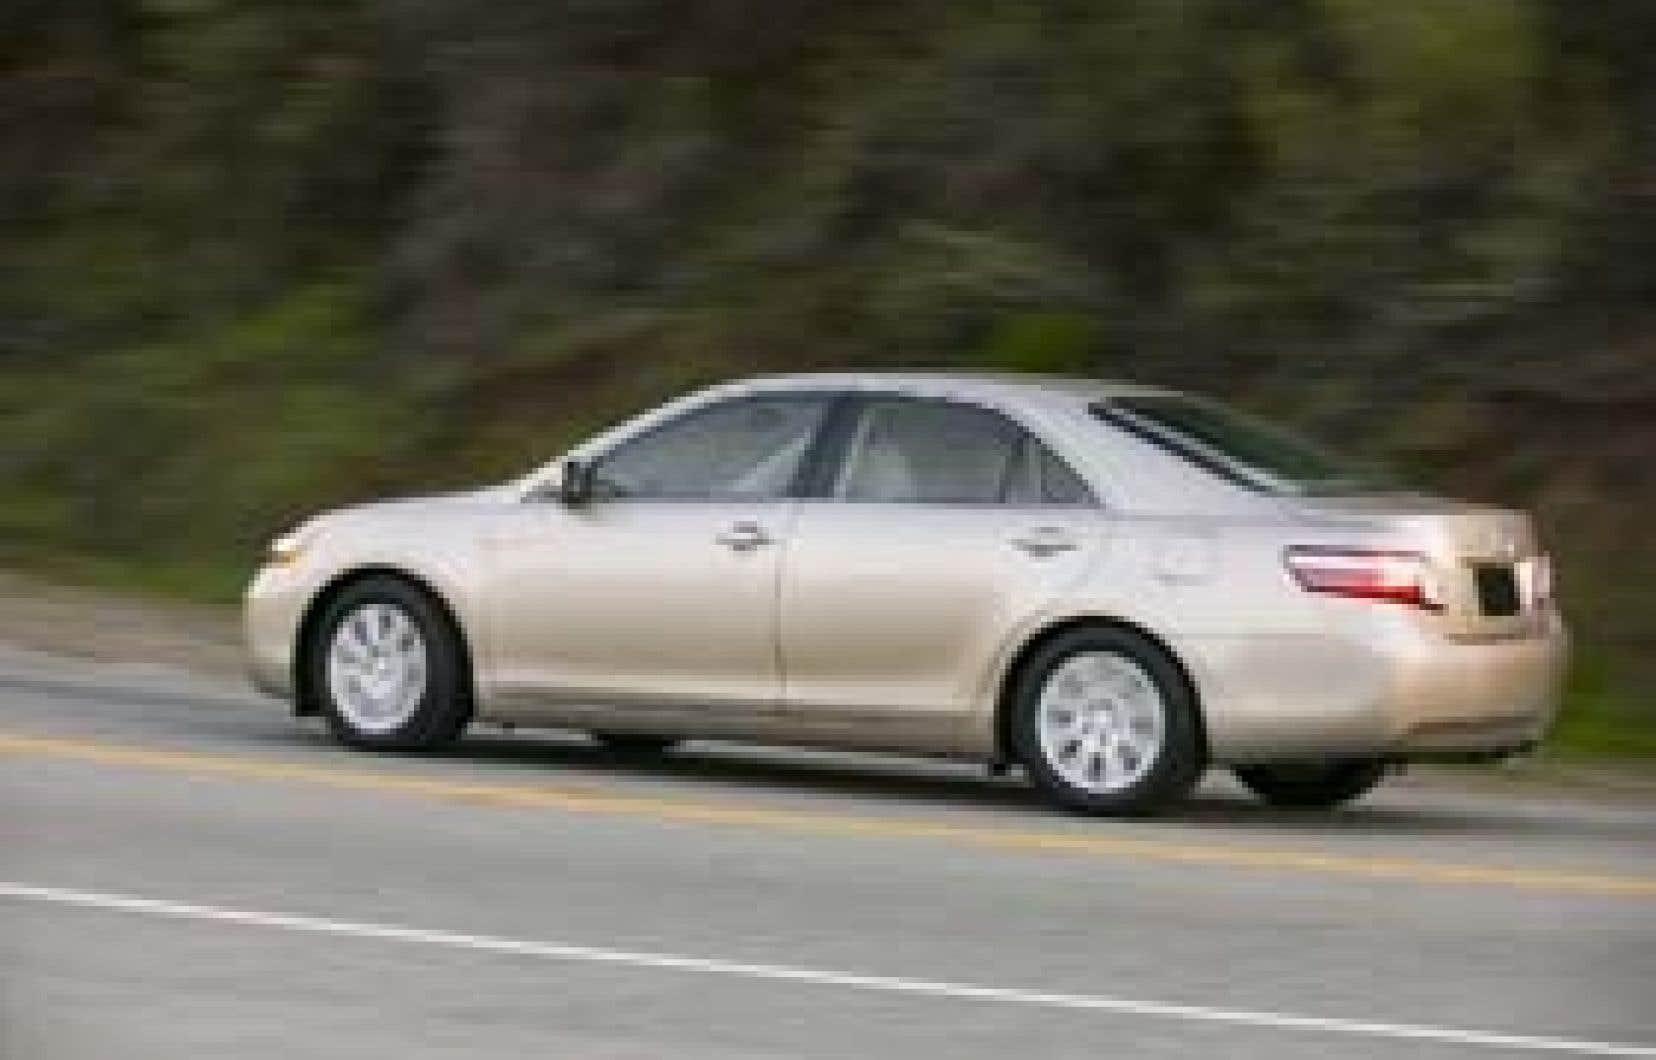 La Camry Hybride est devenue l'hybride la plus vendue au pays, avec des ventes mensuelles qui frôlent les 500 unités, loin devant la Prius, dont Toyota écoule environ 150 unités par mois.